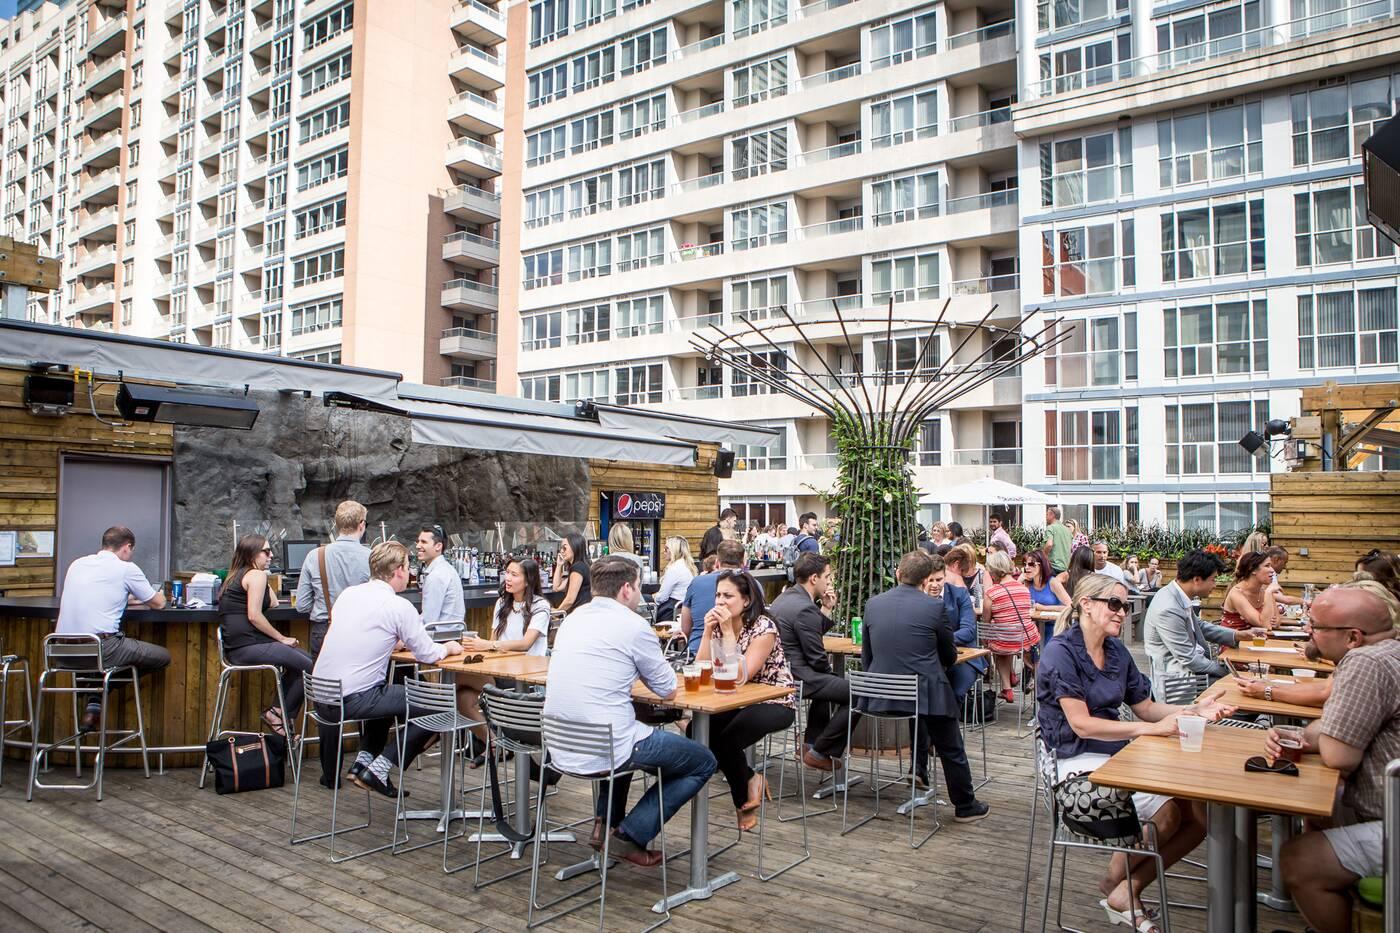 Rooftop Patio Restaurants Downtown Toronto